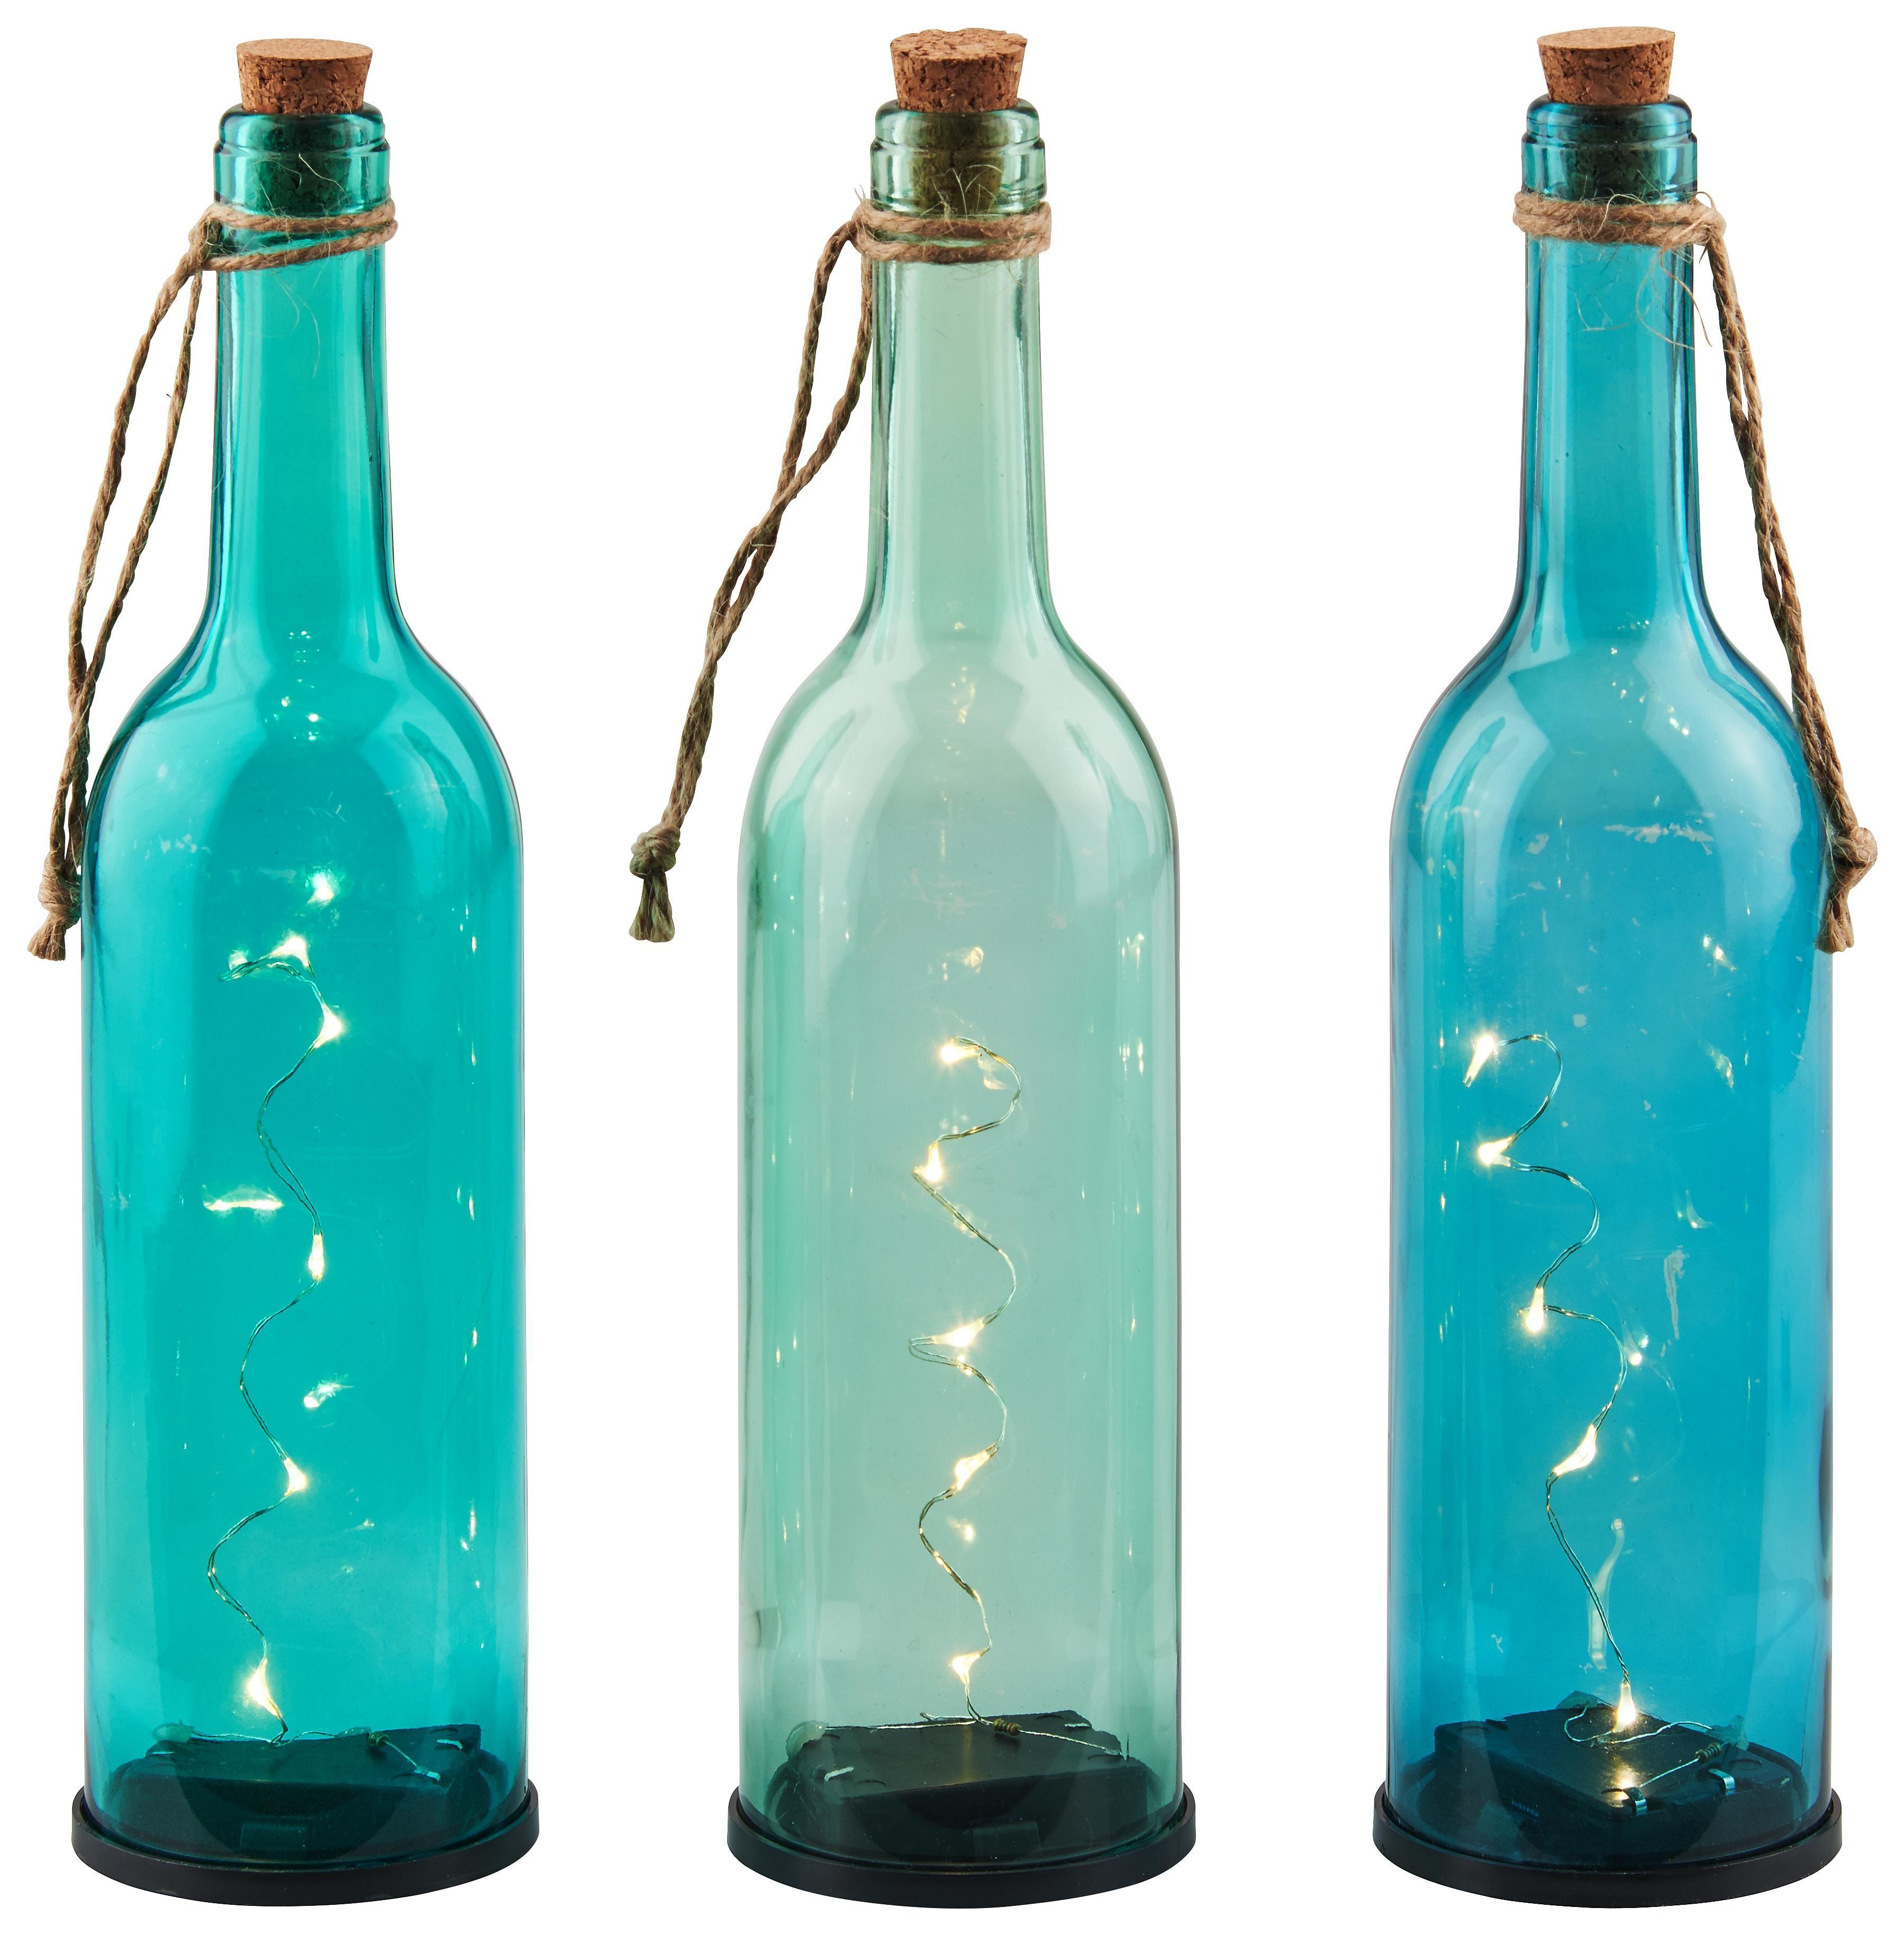 Blaue Deko Glasflaschen Mit Led Lichterkette Innen Summer In St